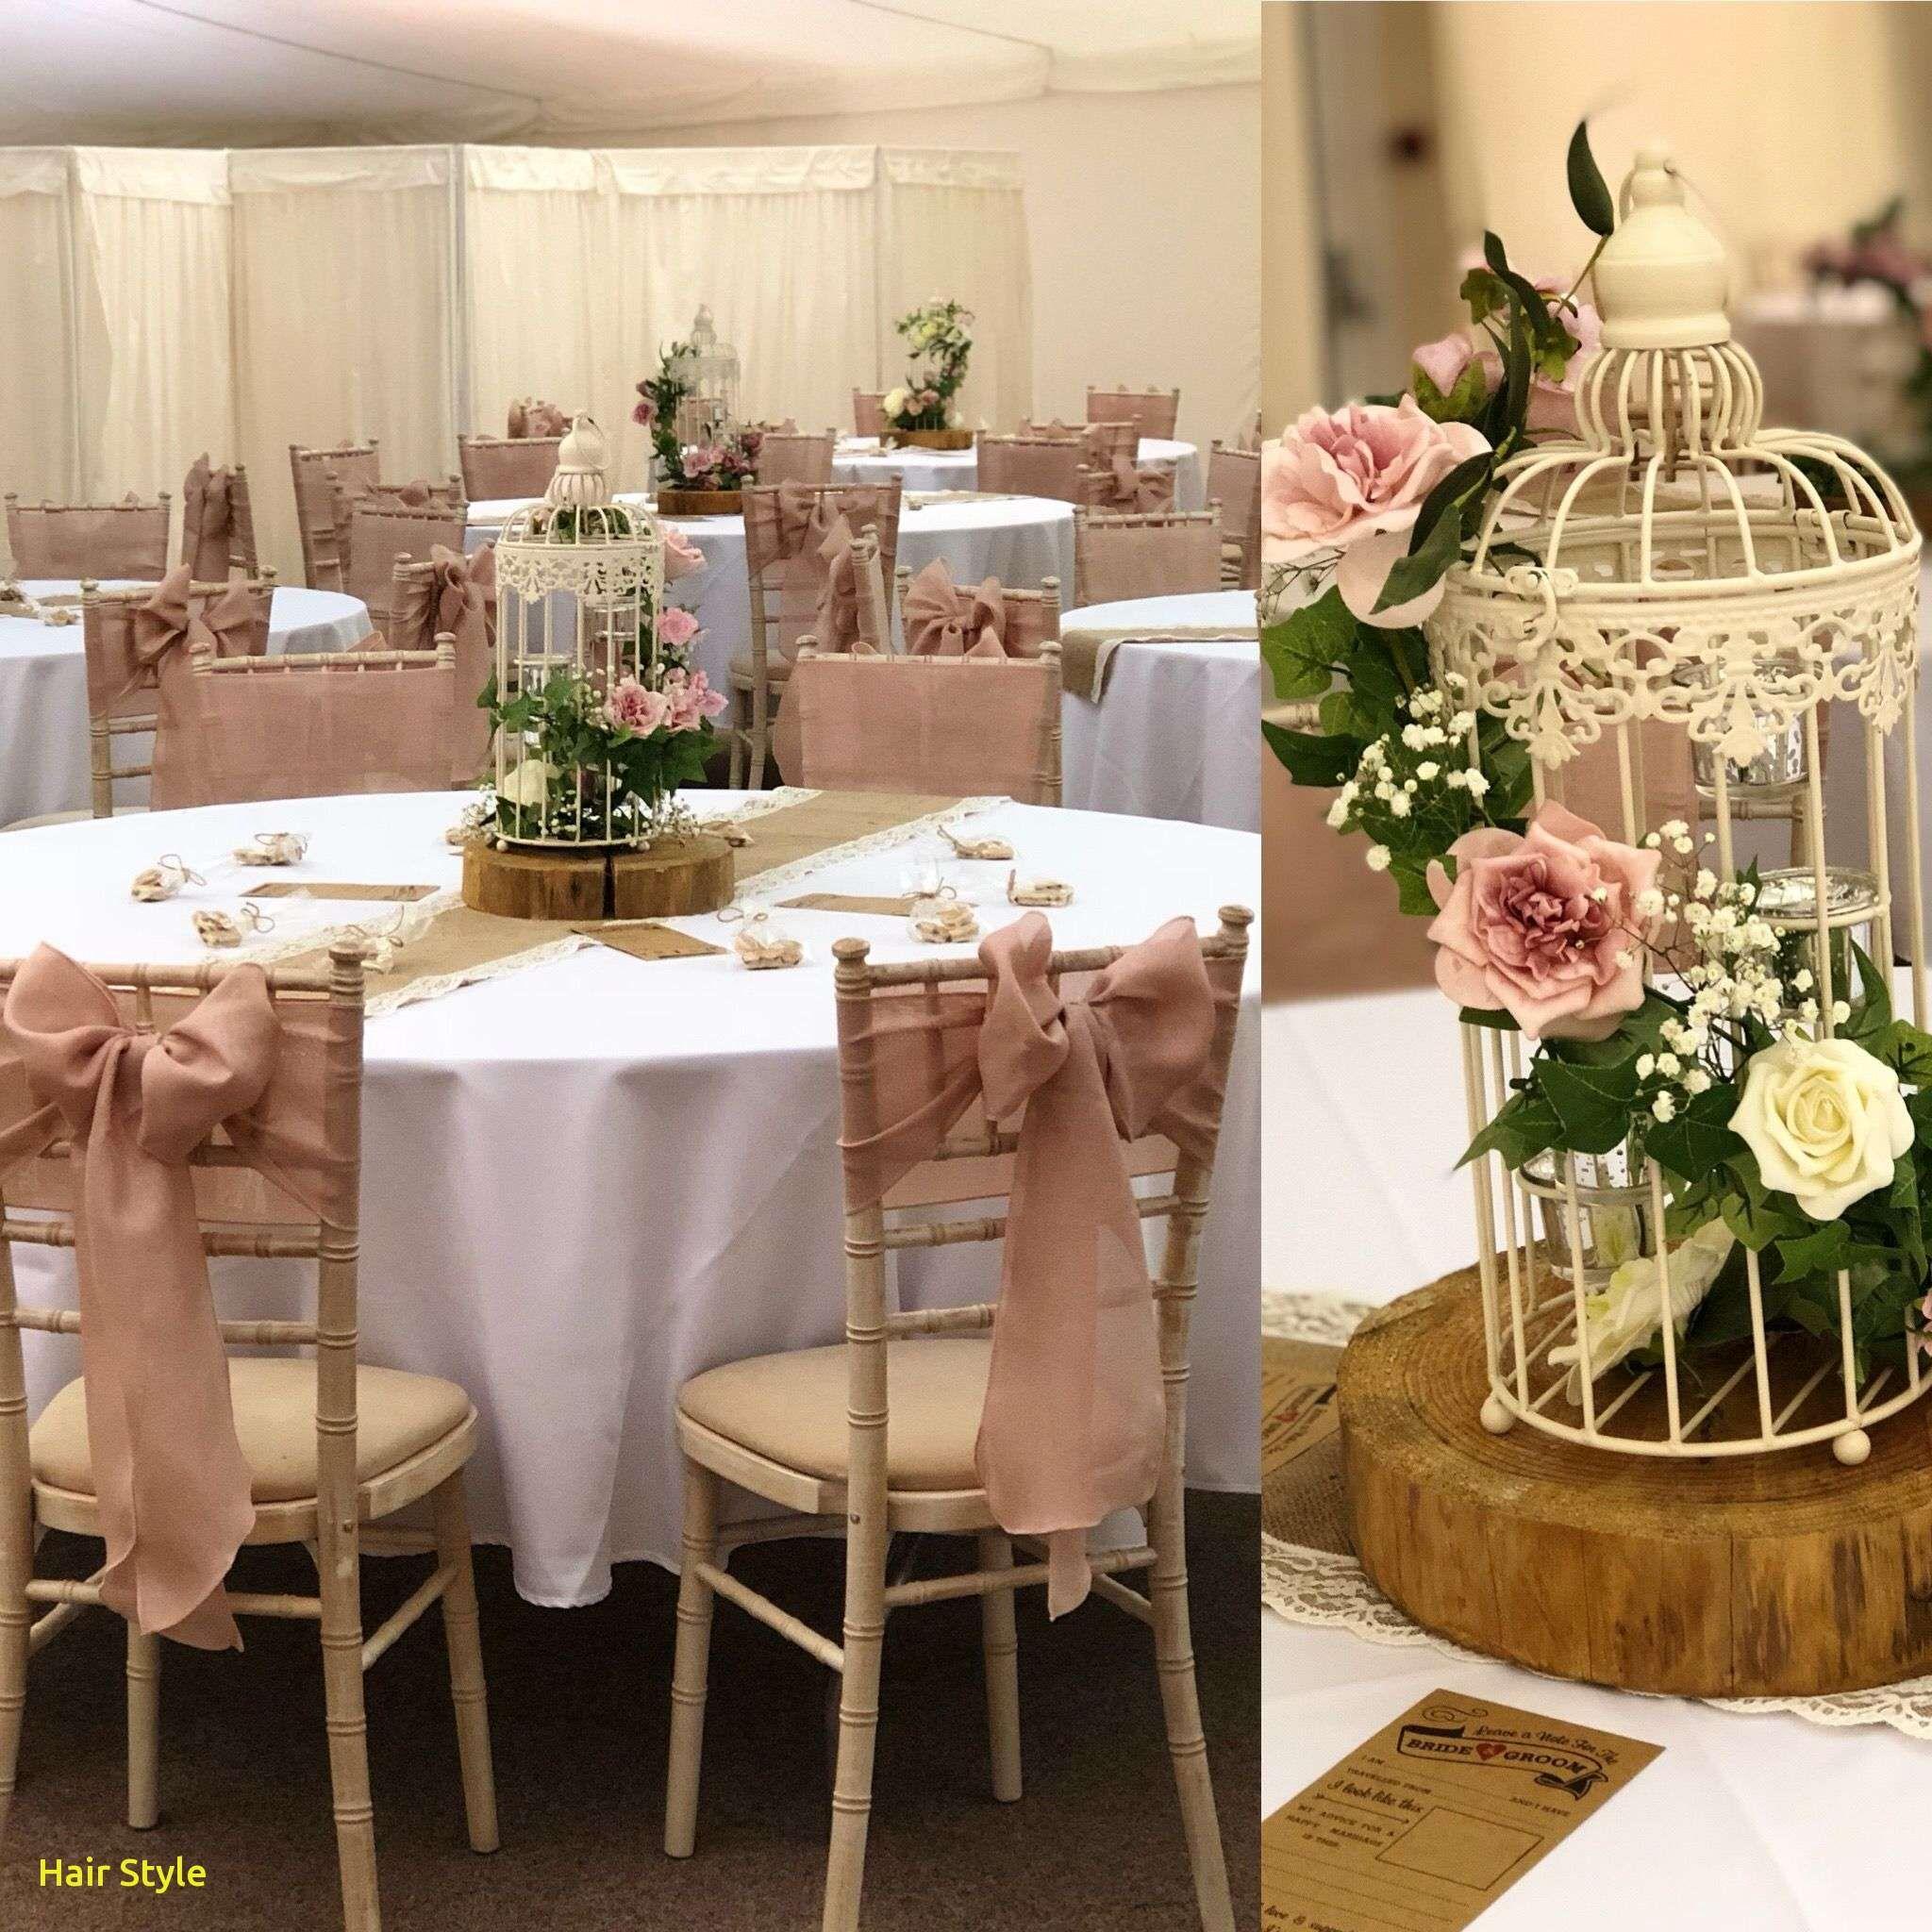 Luxus Durchschnittliche Kosten Fur Stuhlhussen Fur Hochzeiten Stuhlhussen Hochzeit Stuhlbezuge